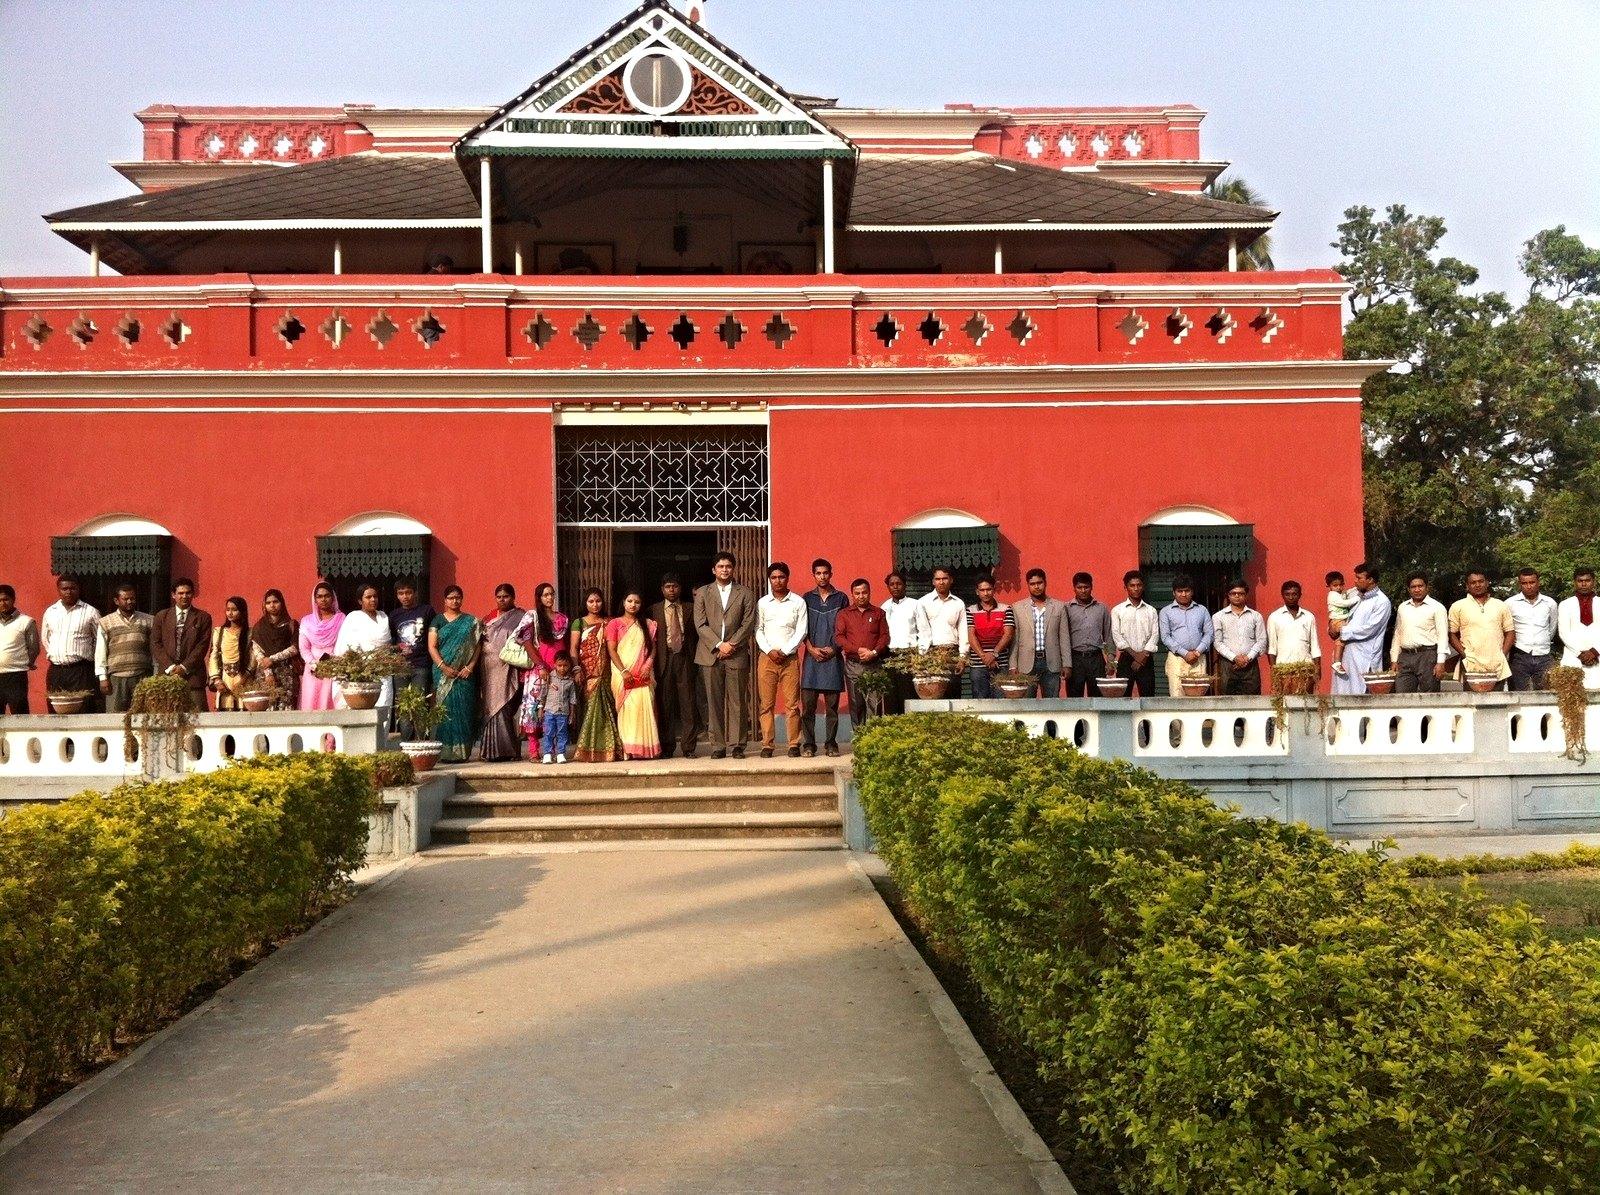 Gurukul Kushtia Family, Gurukul Kushtia, Gurukul Bangladesh | গুরুকুল কুষ্টিয়ার কর্মীবৃন্দ, কুষ্টিয়া গুরুকুল, গুরুকুল বাংলাদেশ